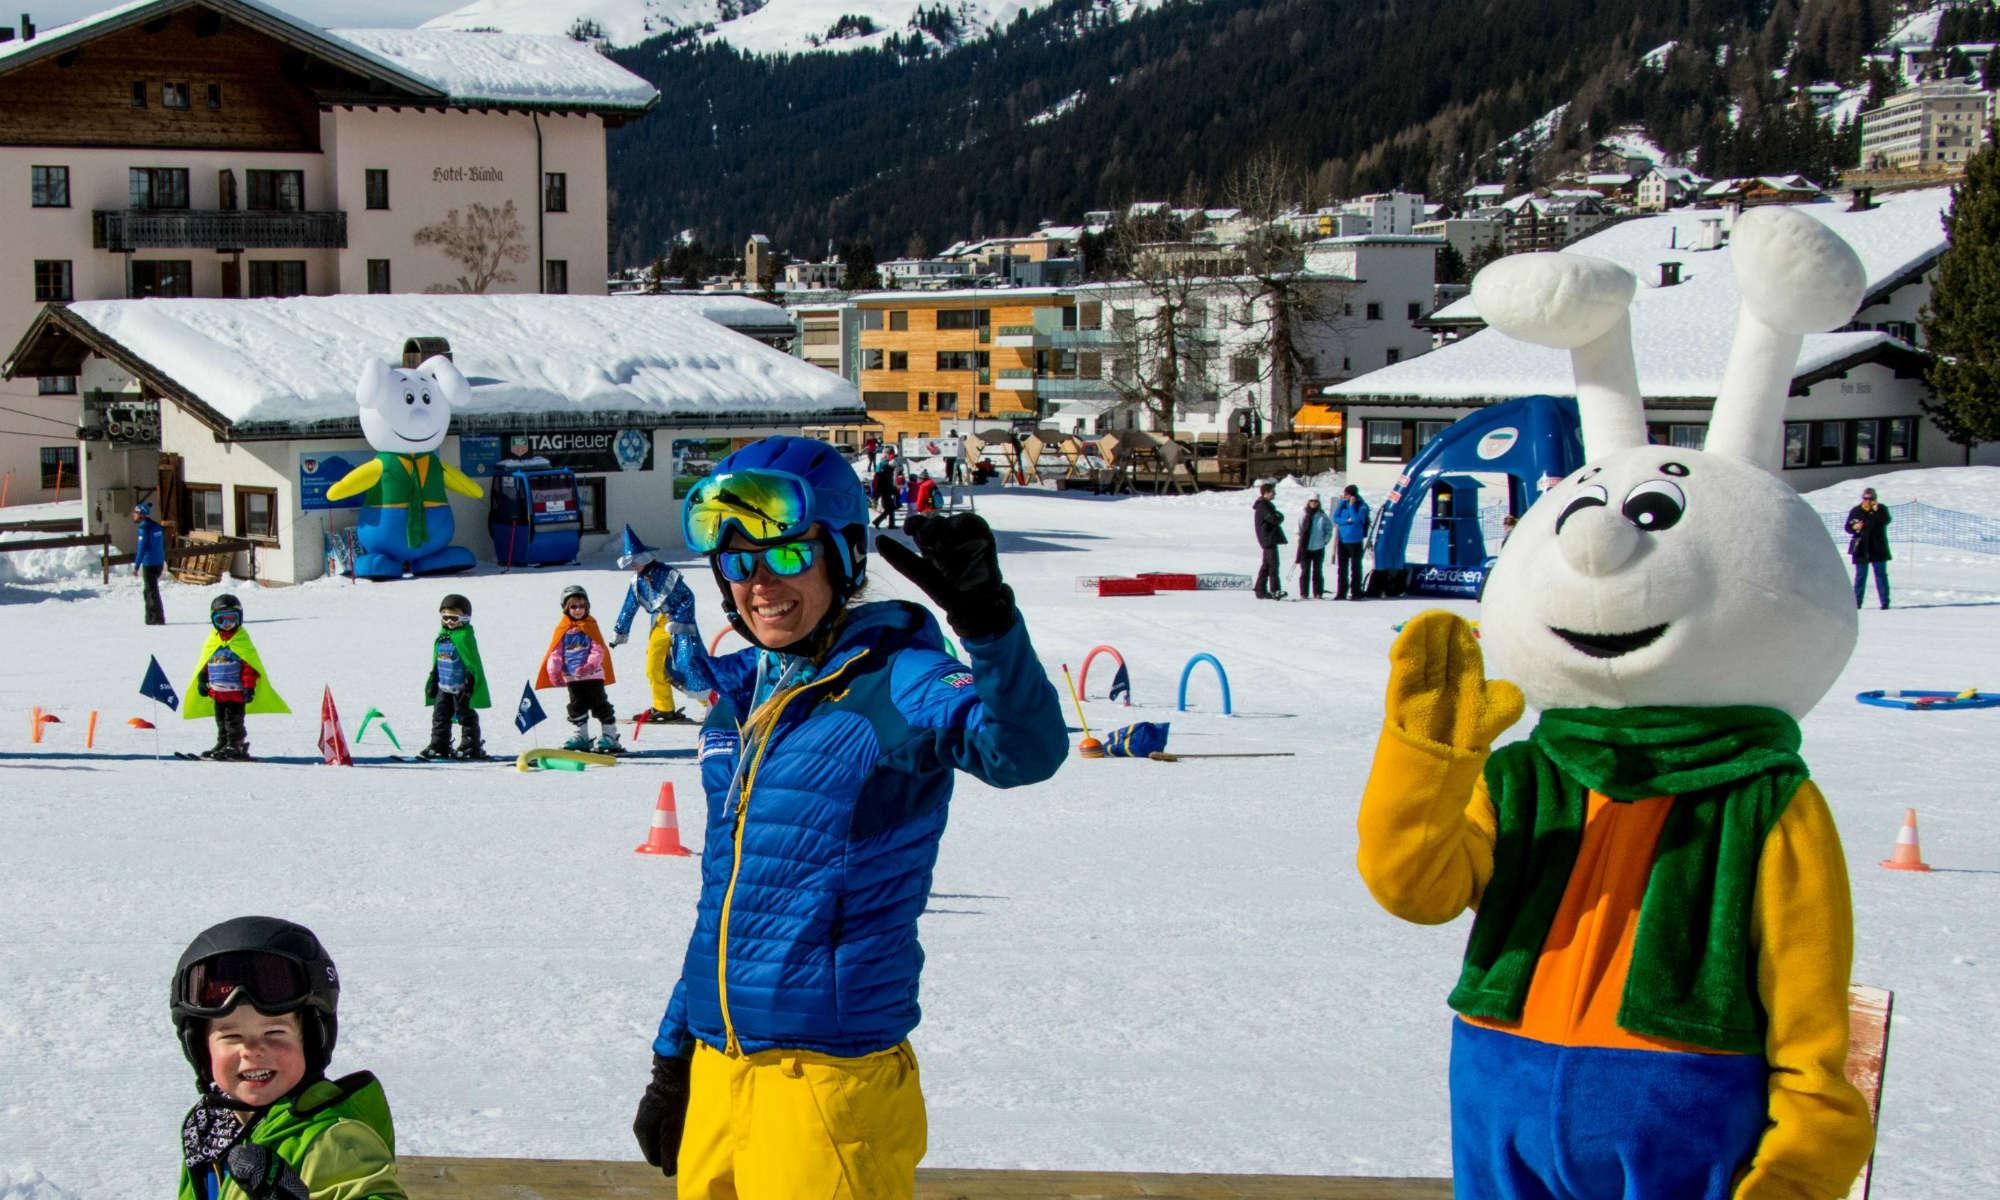 Das Maskottchen des Kinderlandes in Davos Klosters unterstützt die Kinder beim Skifahren lernen.